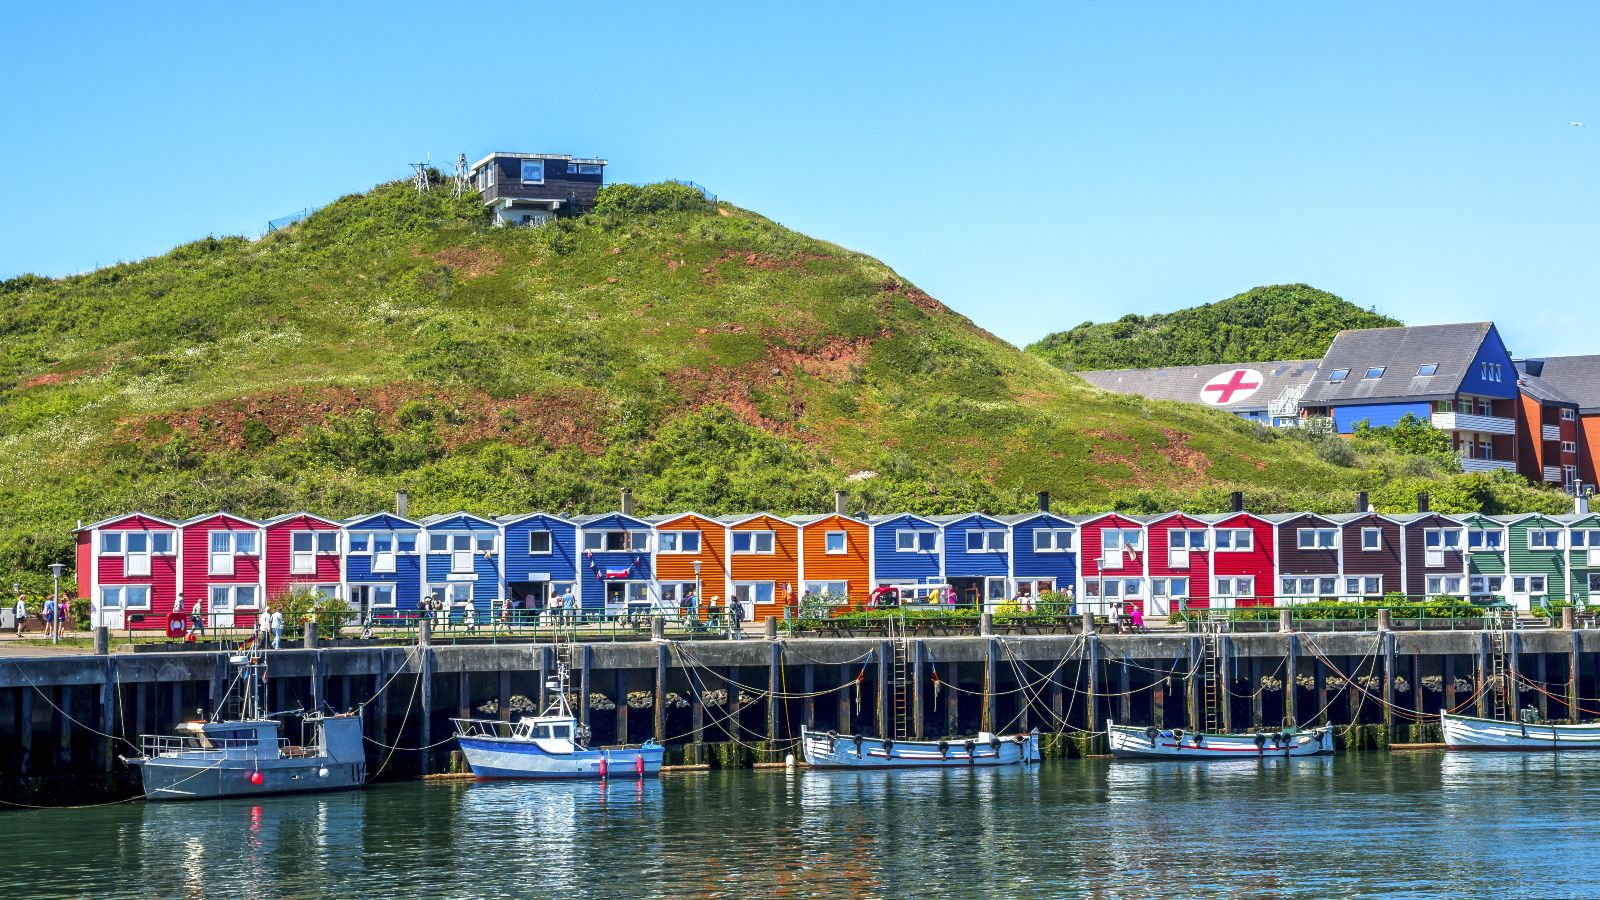 Vom Meer aus ist eine Reihe bunter Fischerhäuser zu sehen. Davor liegen Boote vor Anker.